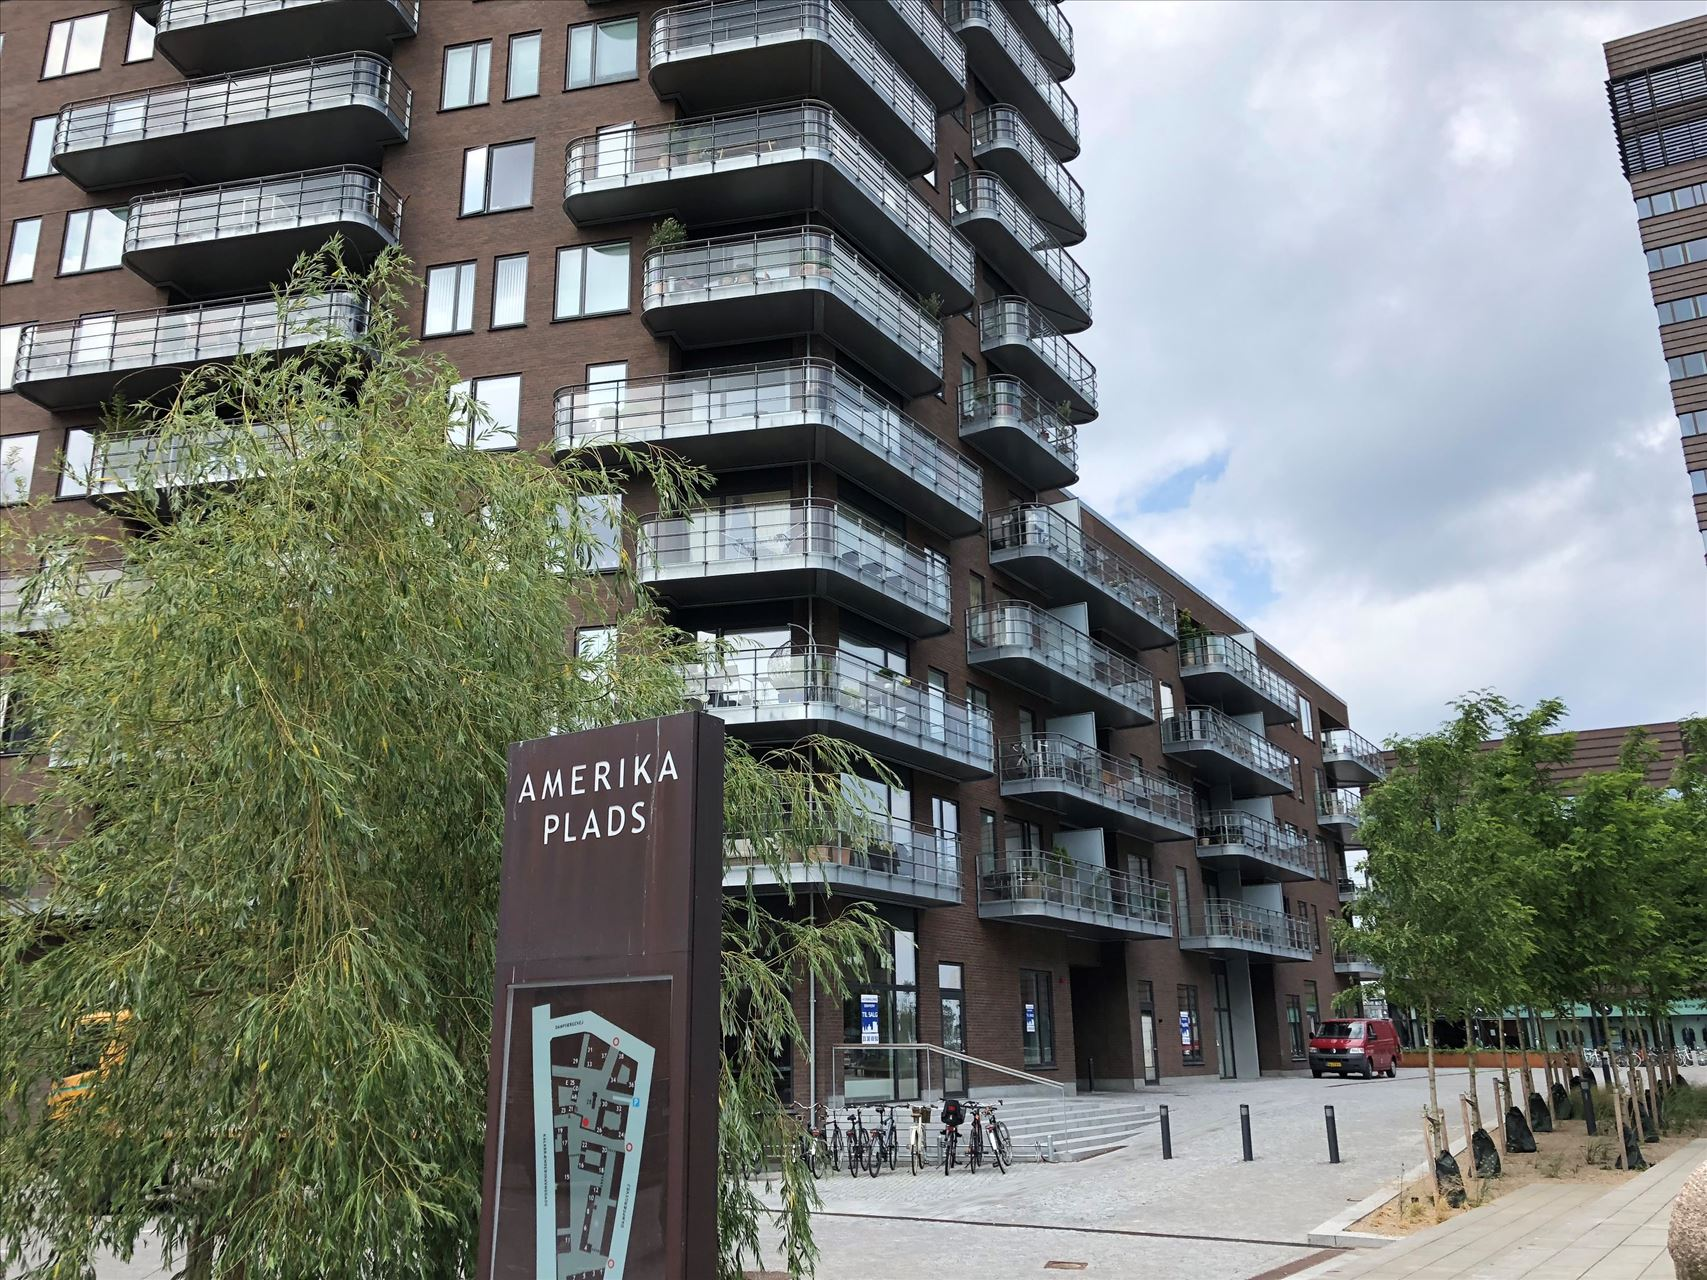 76-154 m² erhvervsejerlejligheder – salg